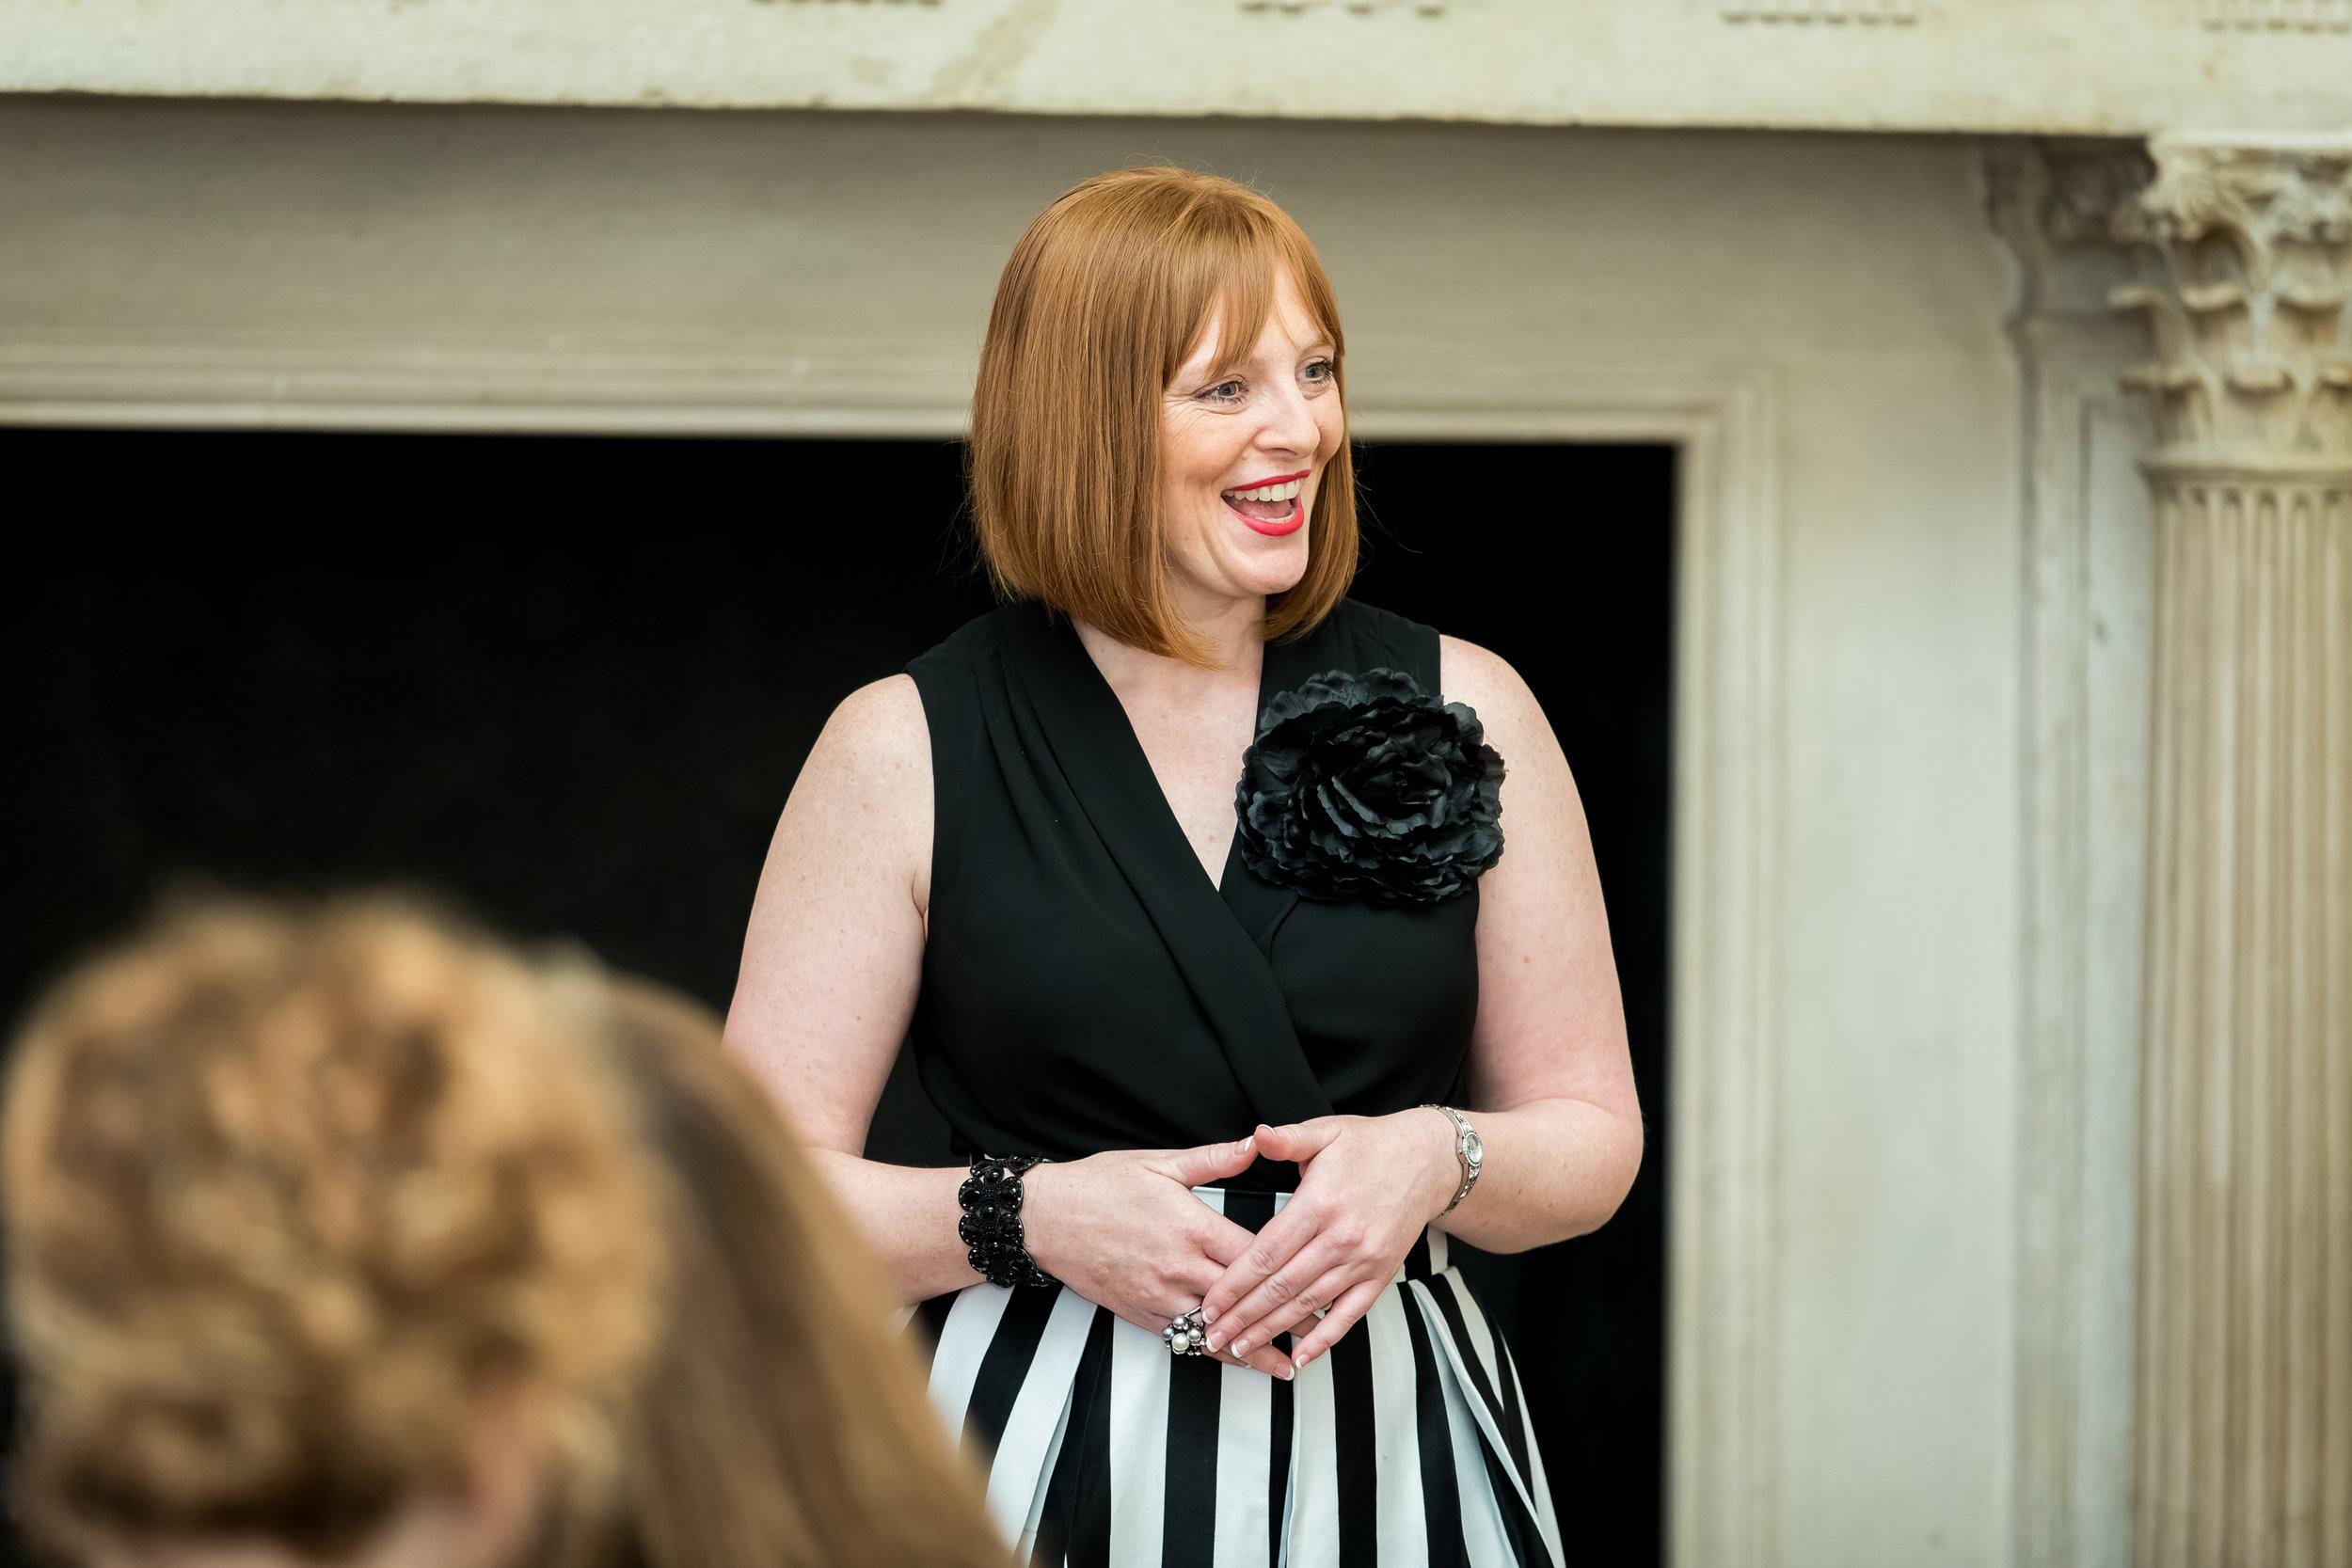 Lori Rae speaking at The Ritz, London England.